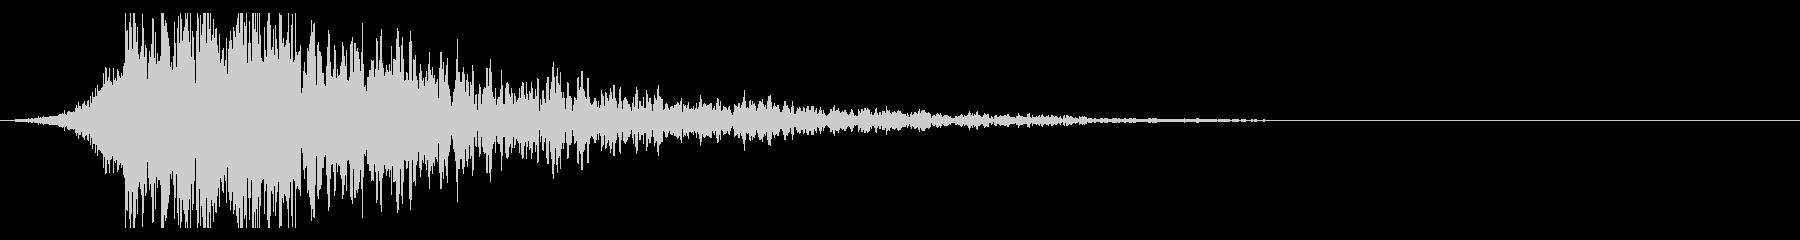 シュードーン-20-2(インパクト音)の未再生の波形